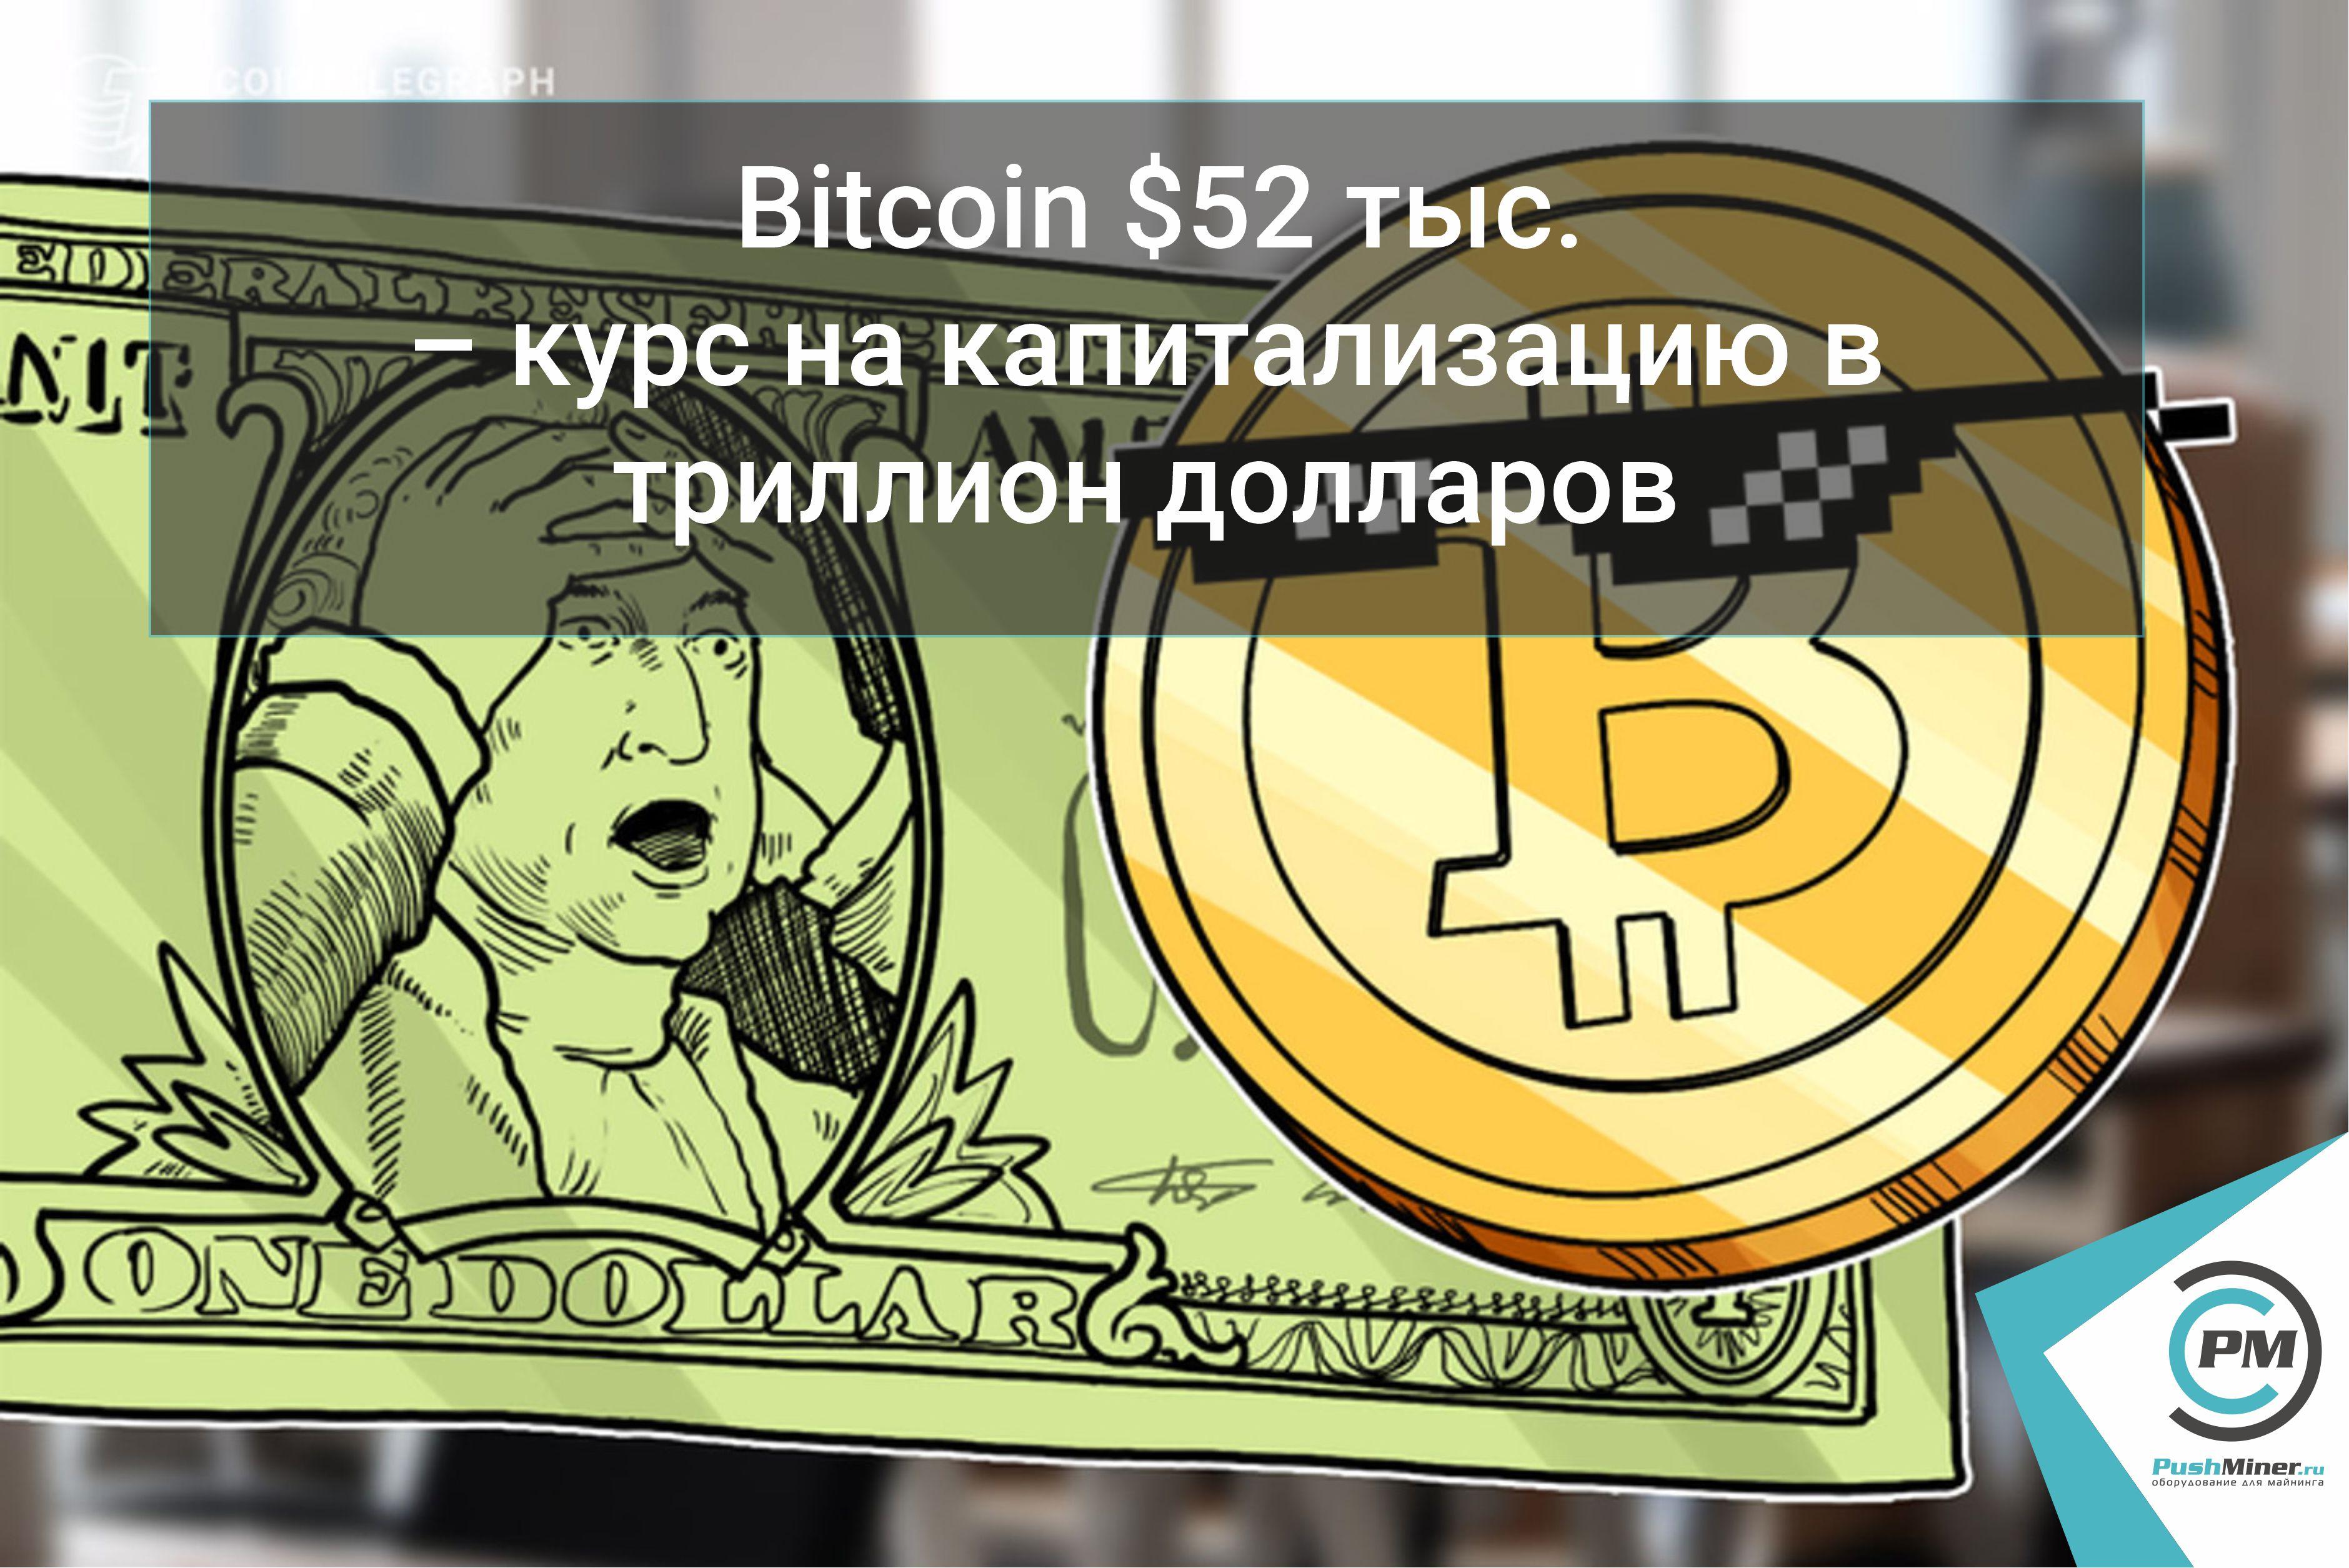 Bitcoin $52 тыс. – курс на капитализацию в триллион долларов